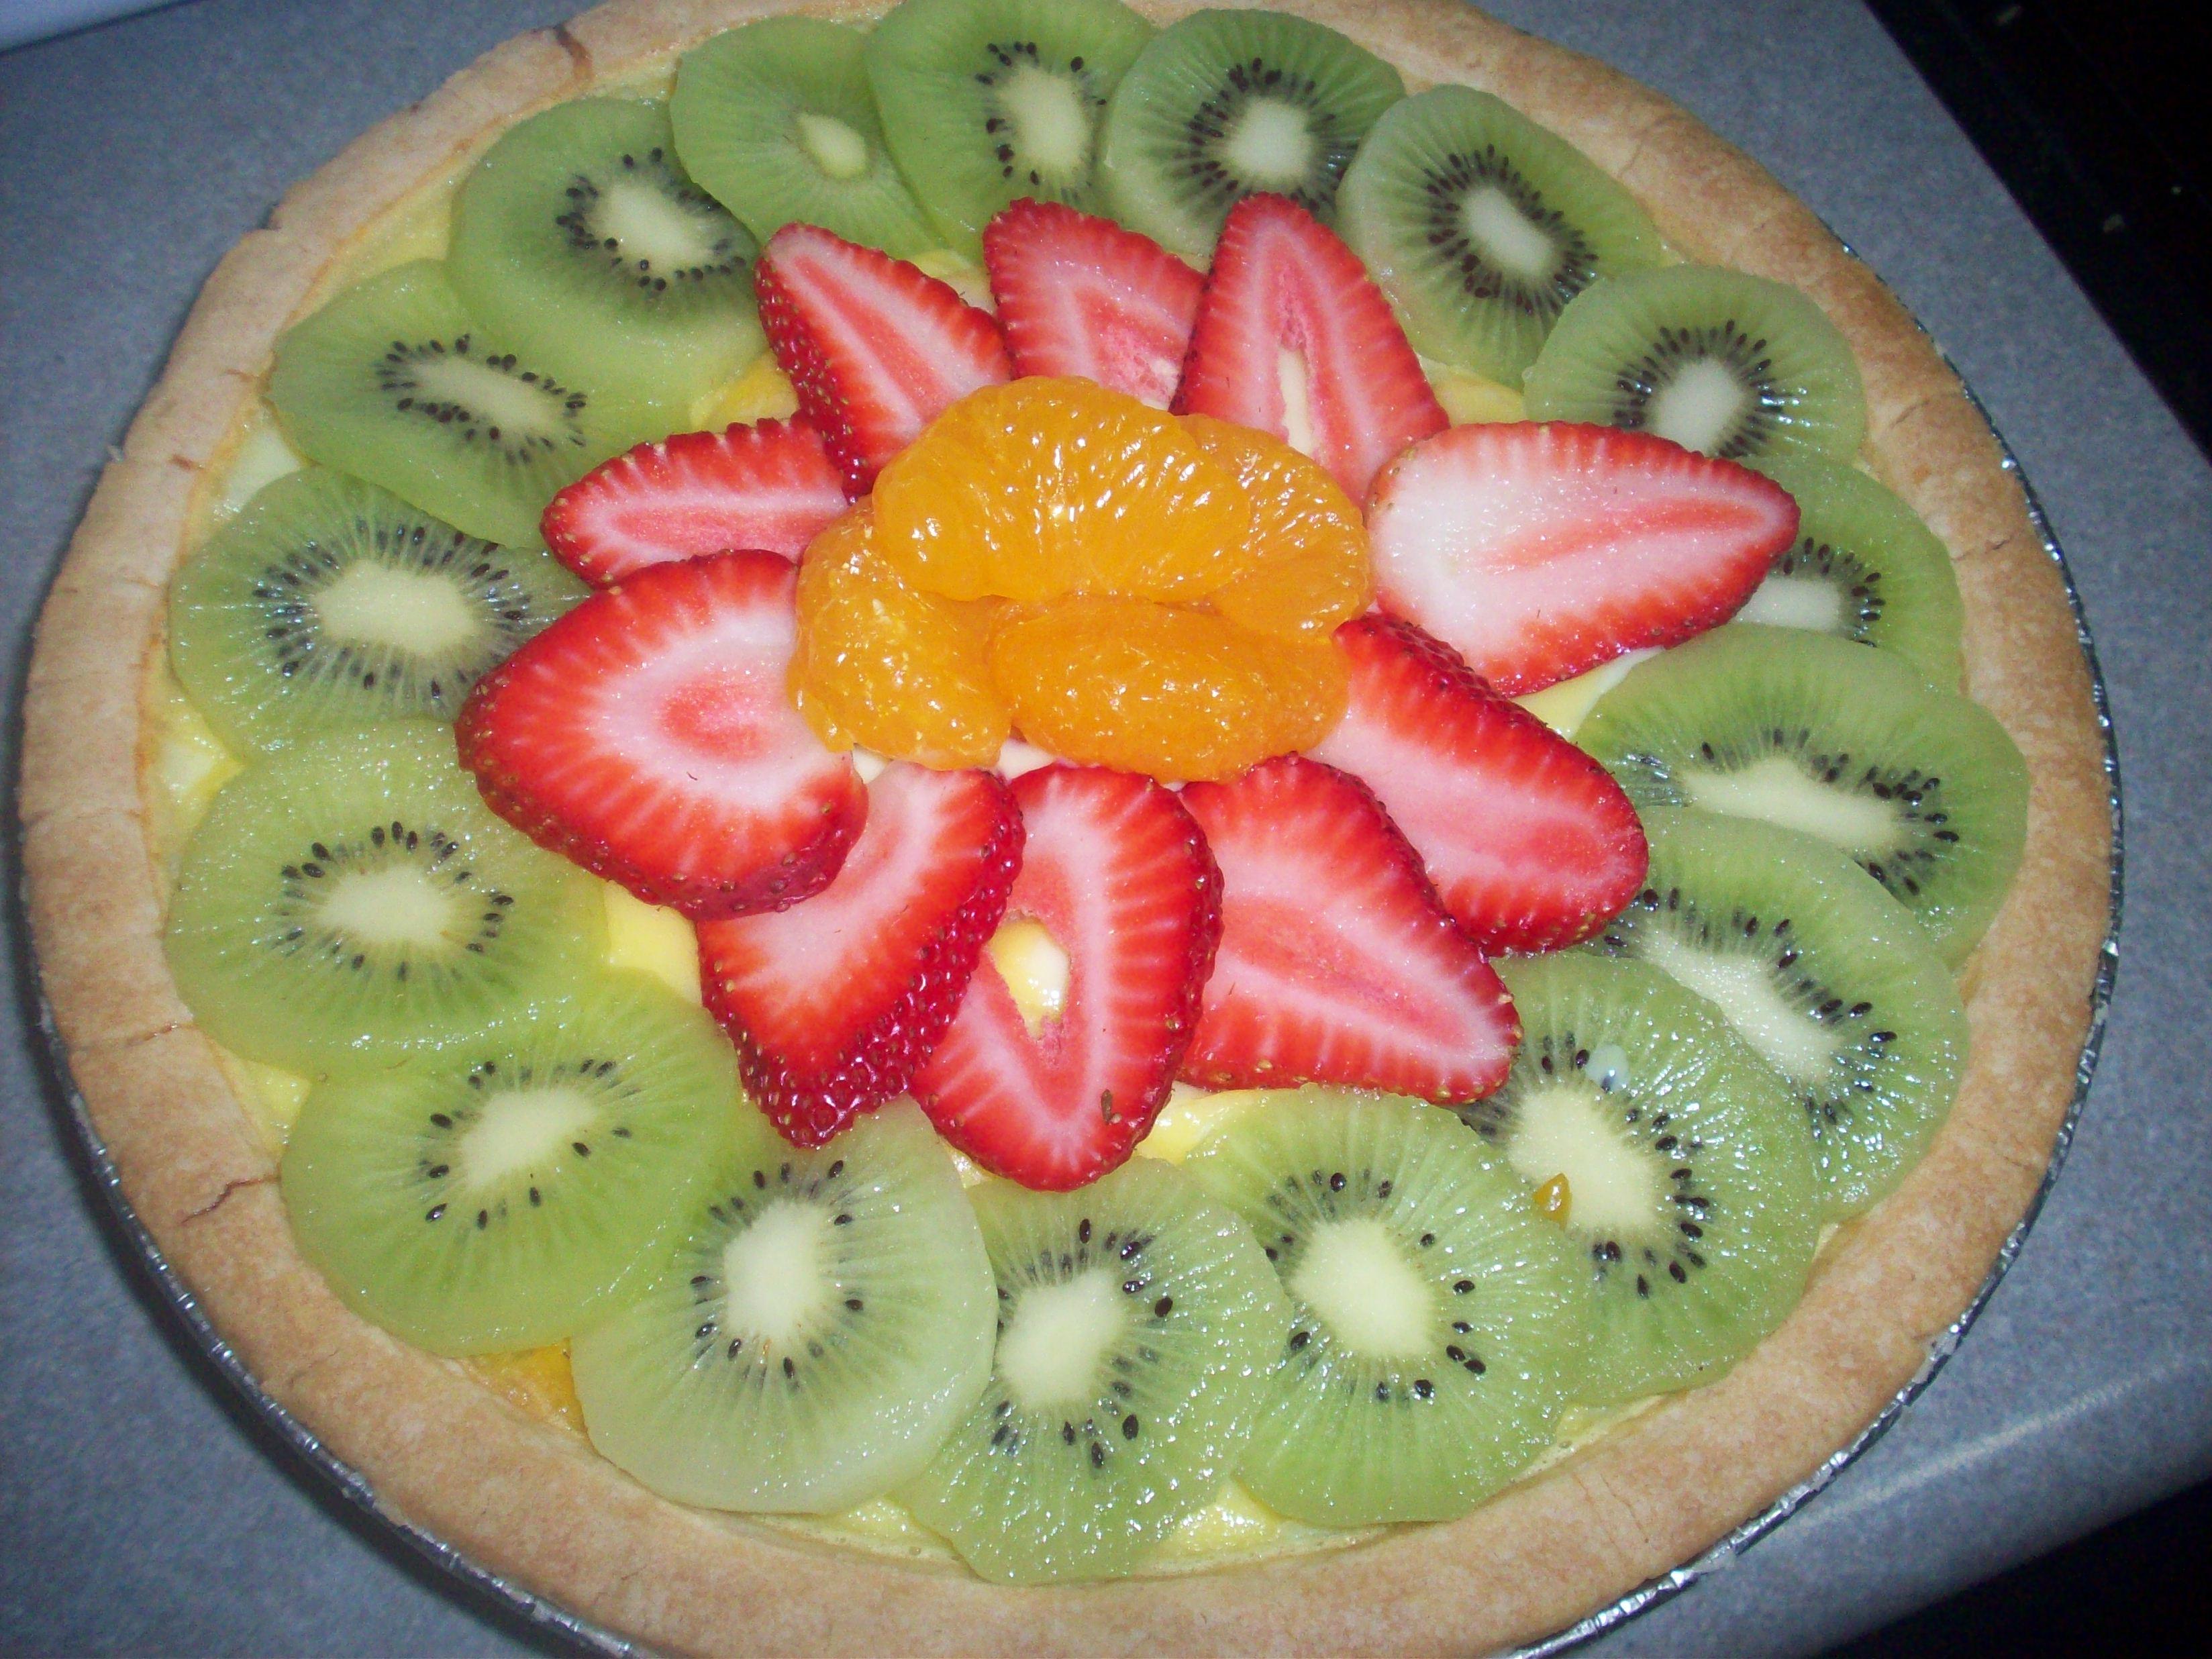 http://foodloader.net/cutie_2010-04-17_Fruit_Tart.jpg